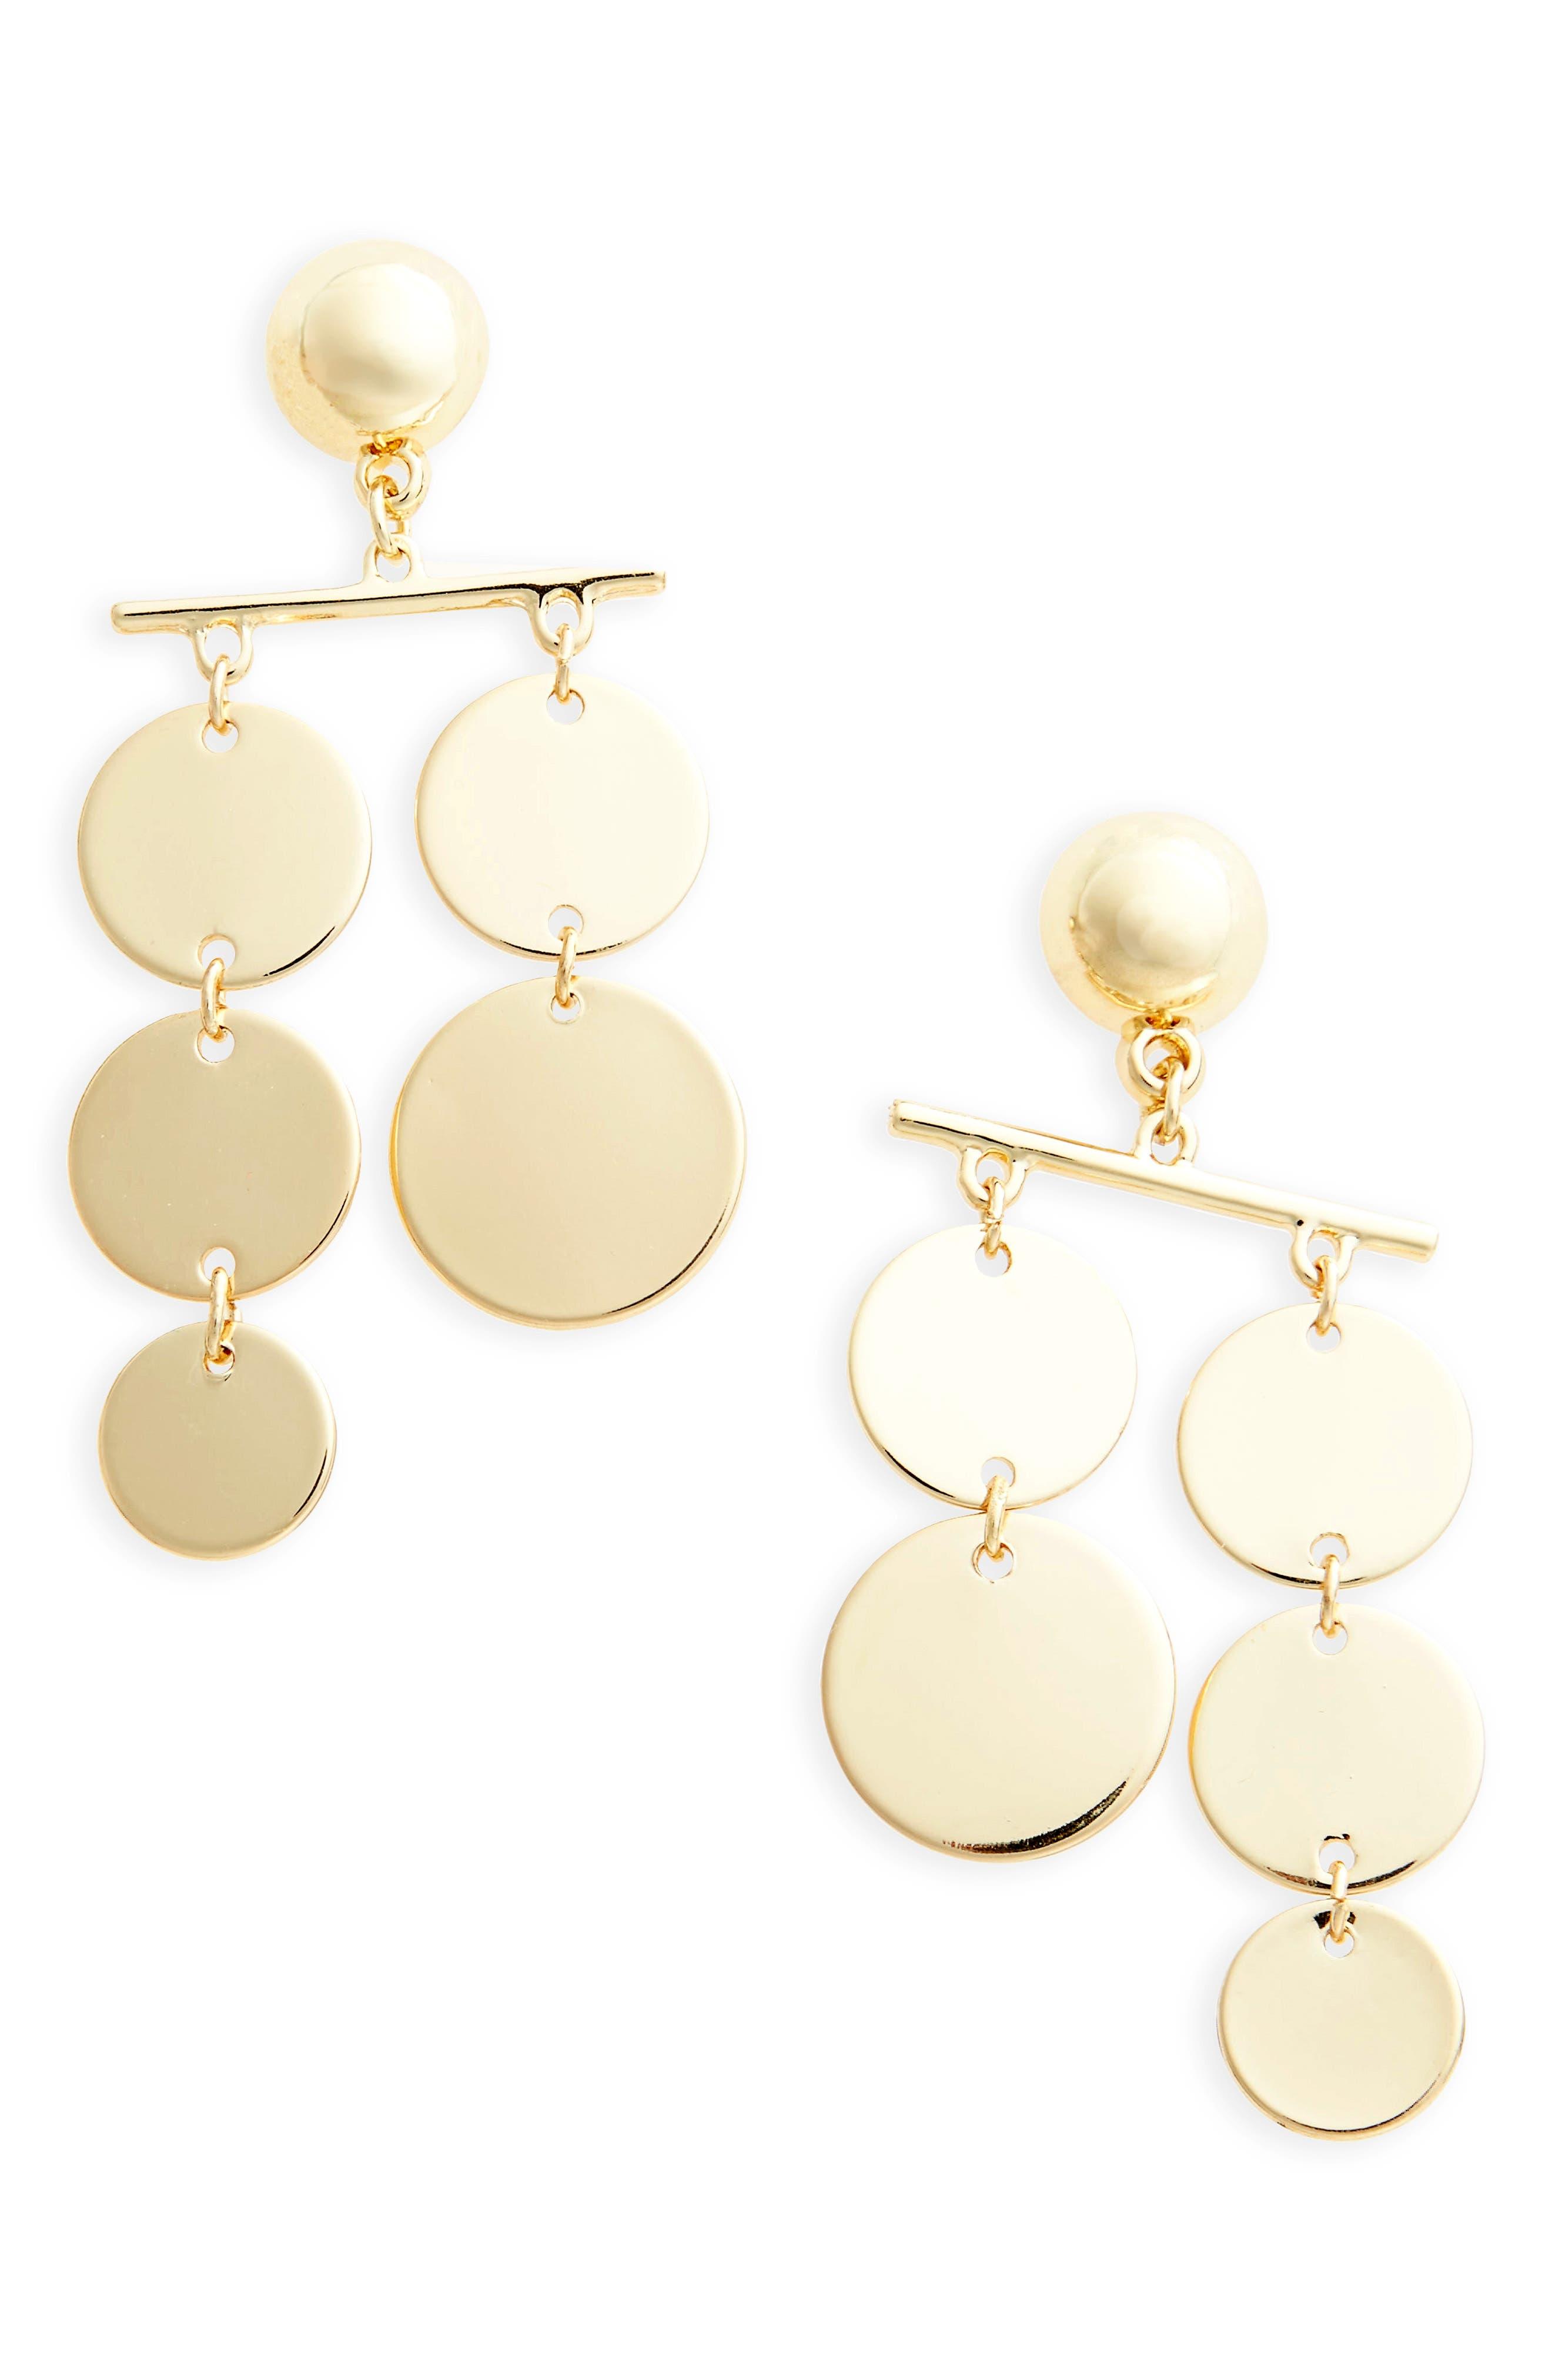 Circle Mobile Earrings,                             Main thumbnail 1, color,